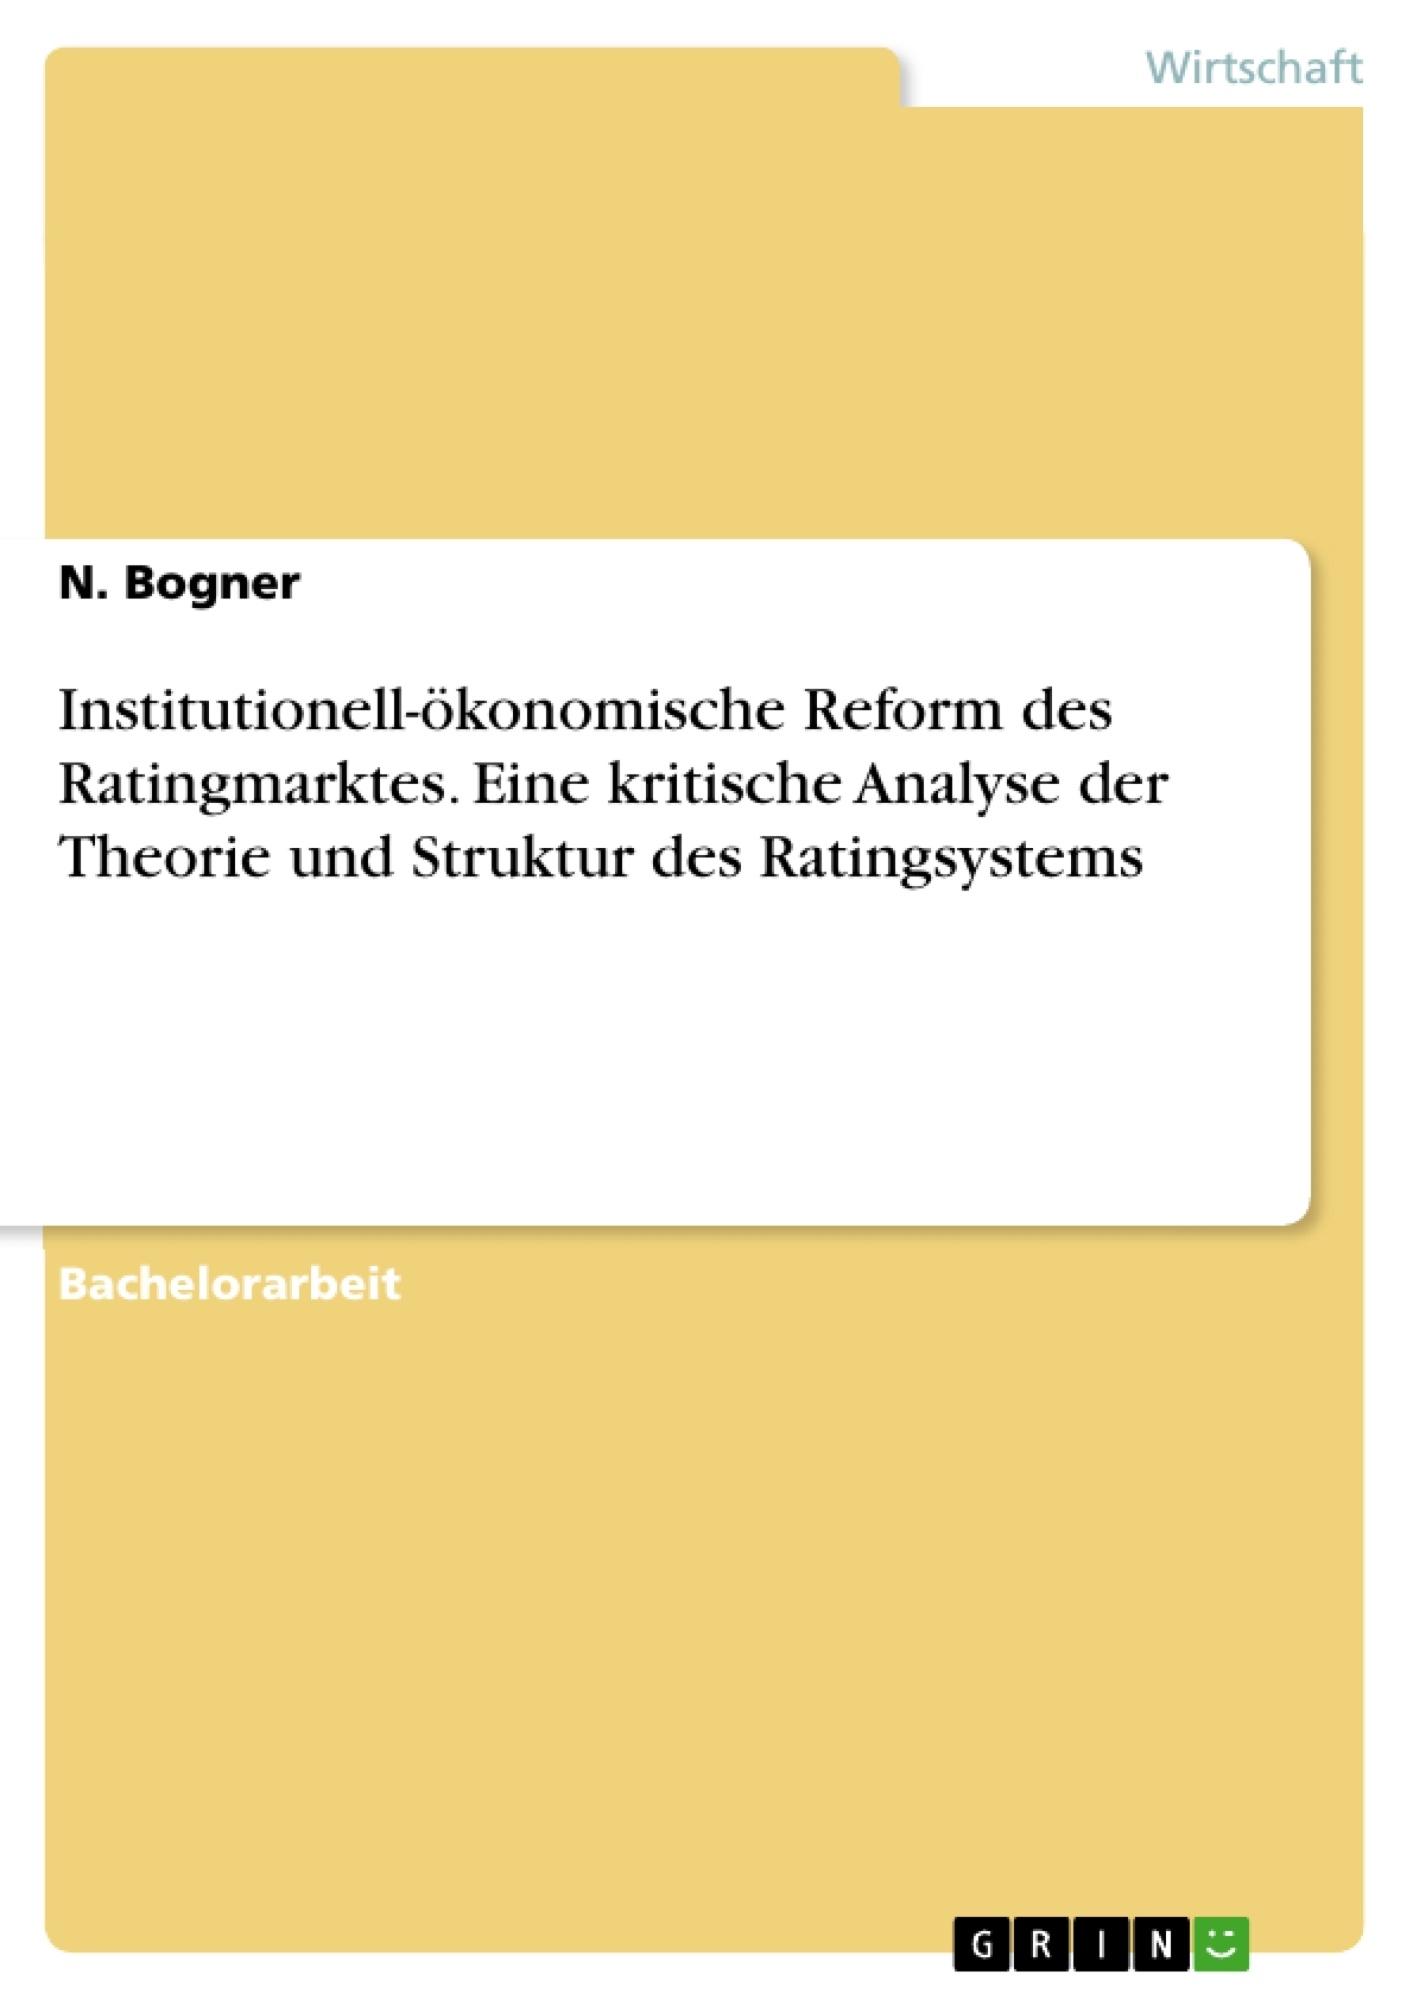 Titel: Institutionell-ökonomische Reform des Ratingmarktes. Eine kritische Analyse der Theorie und Struktur des Ratingsystems